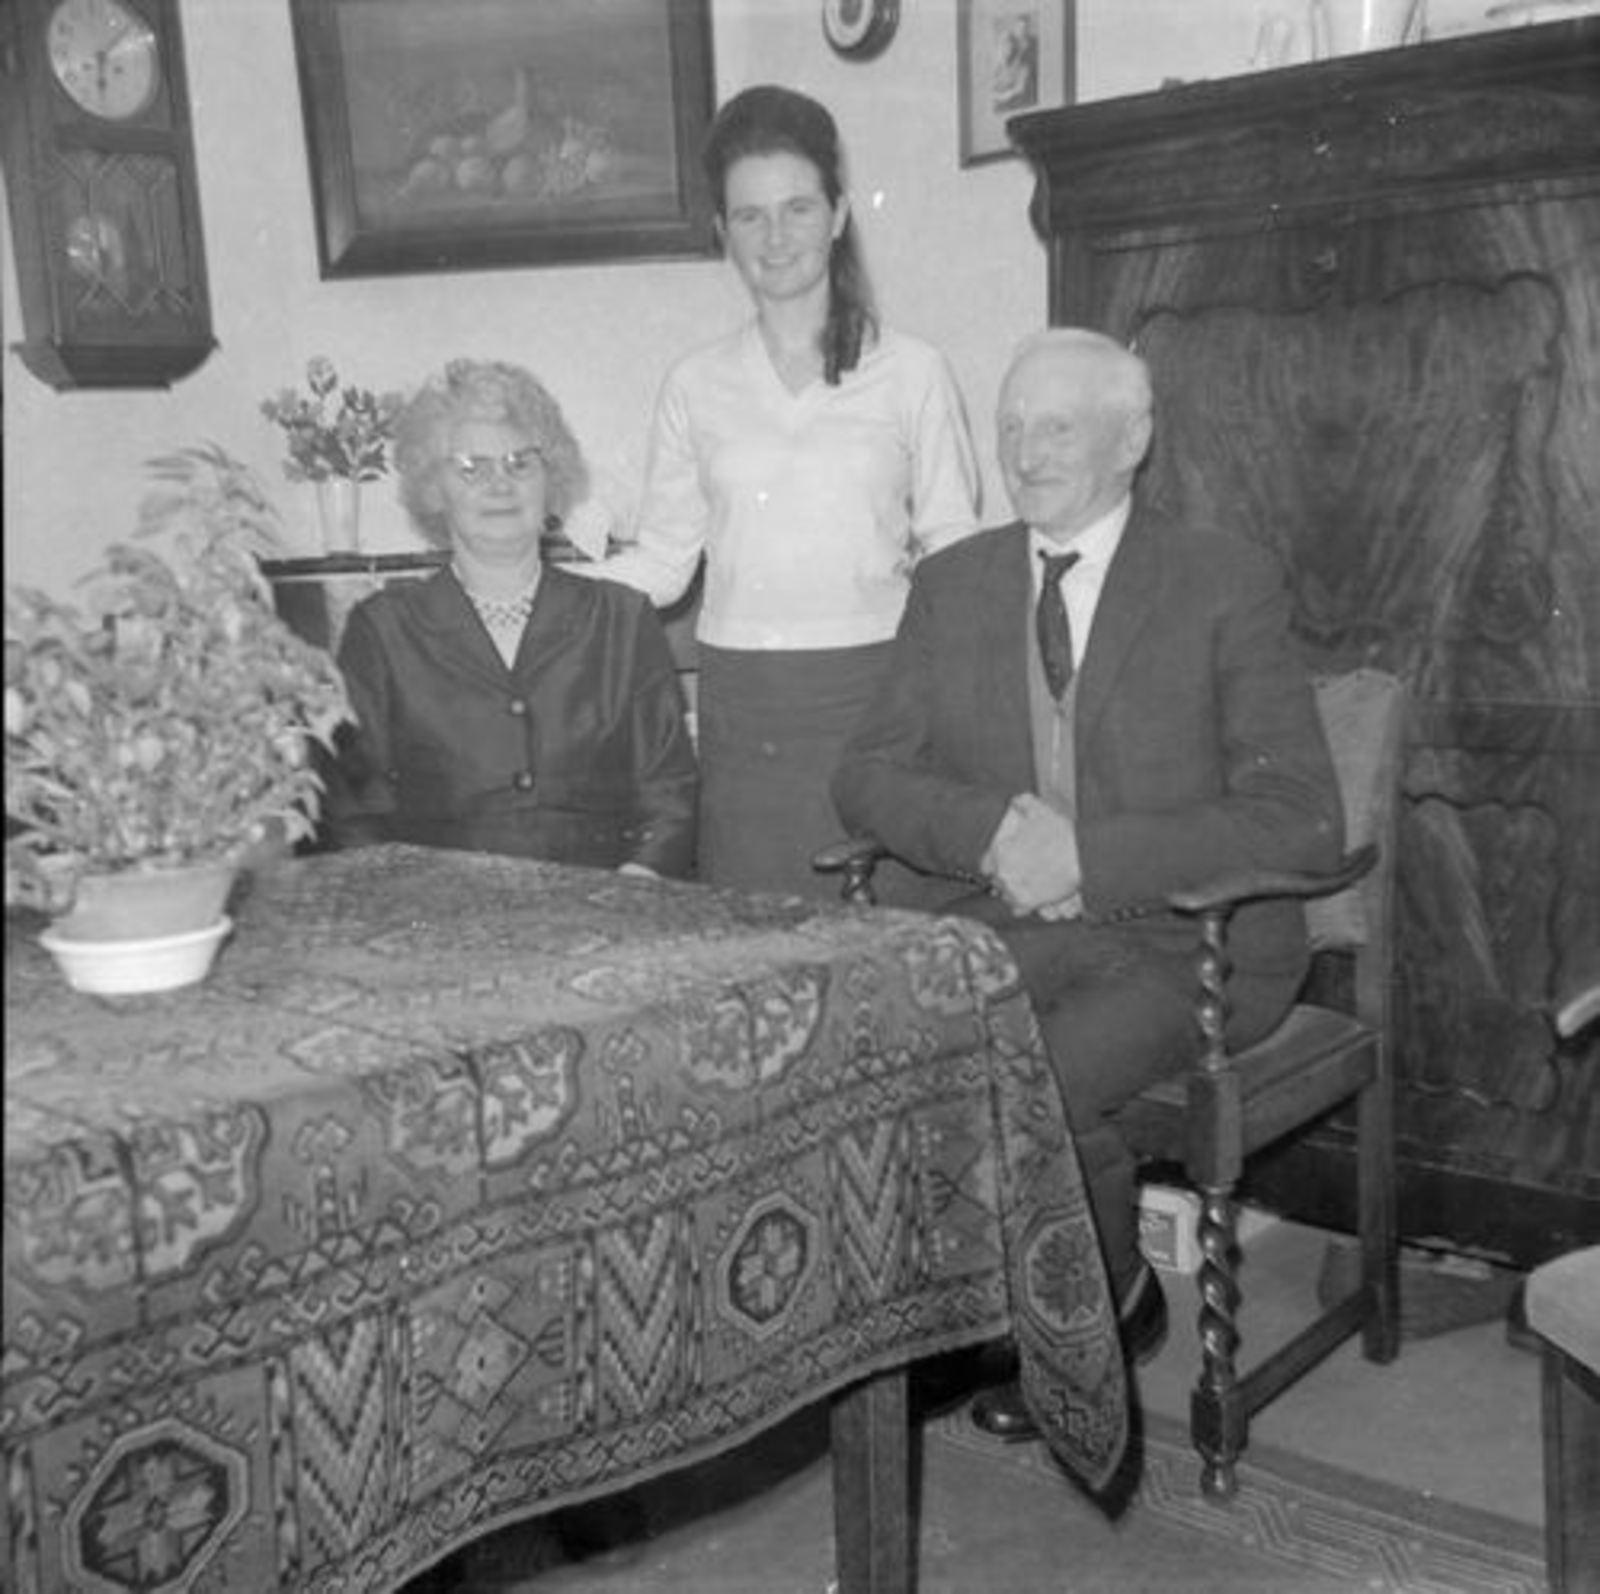 Koeckhoven Therus Janzn 1899 1963 binnen met vrouw Bep Adriaanse